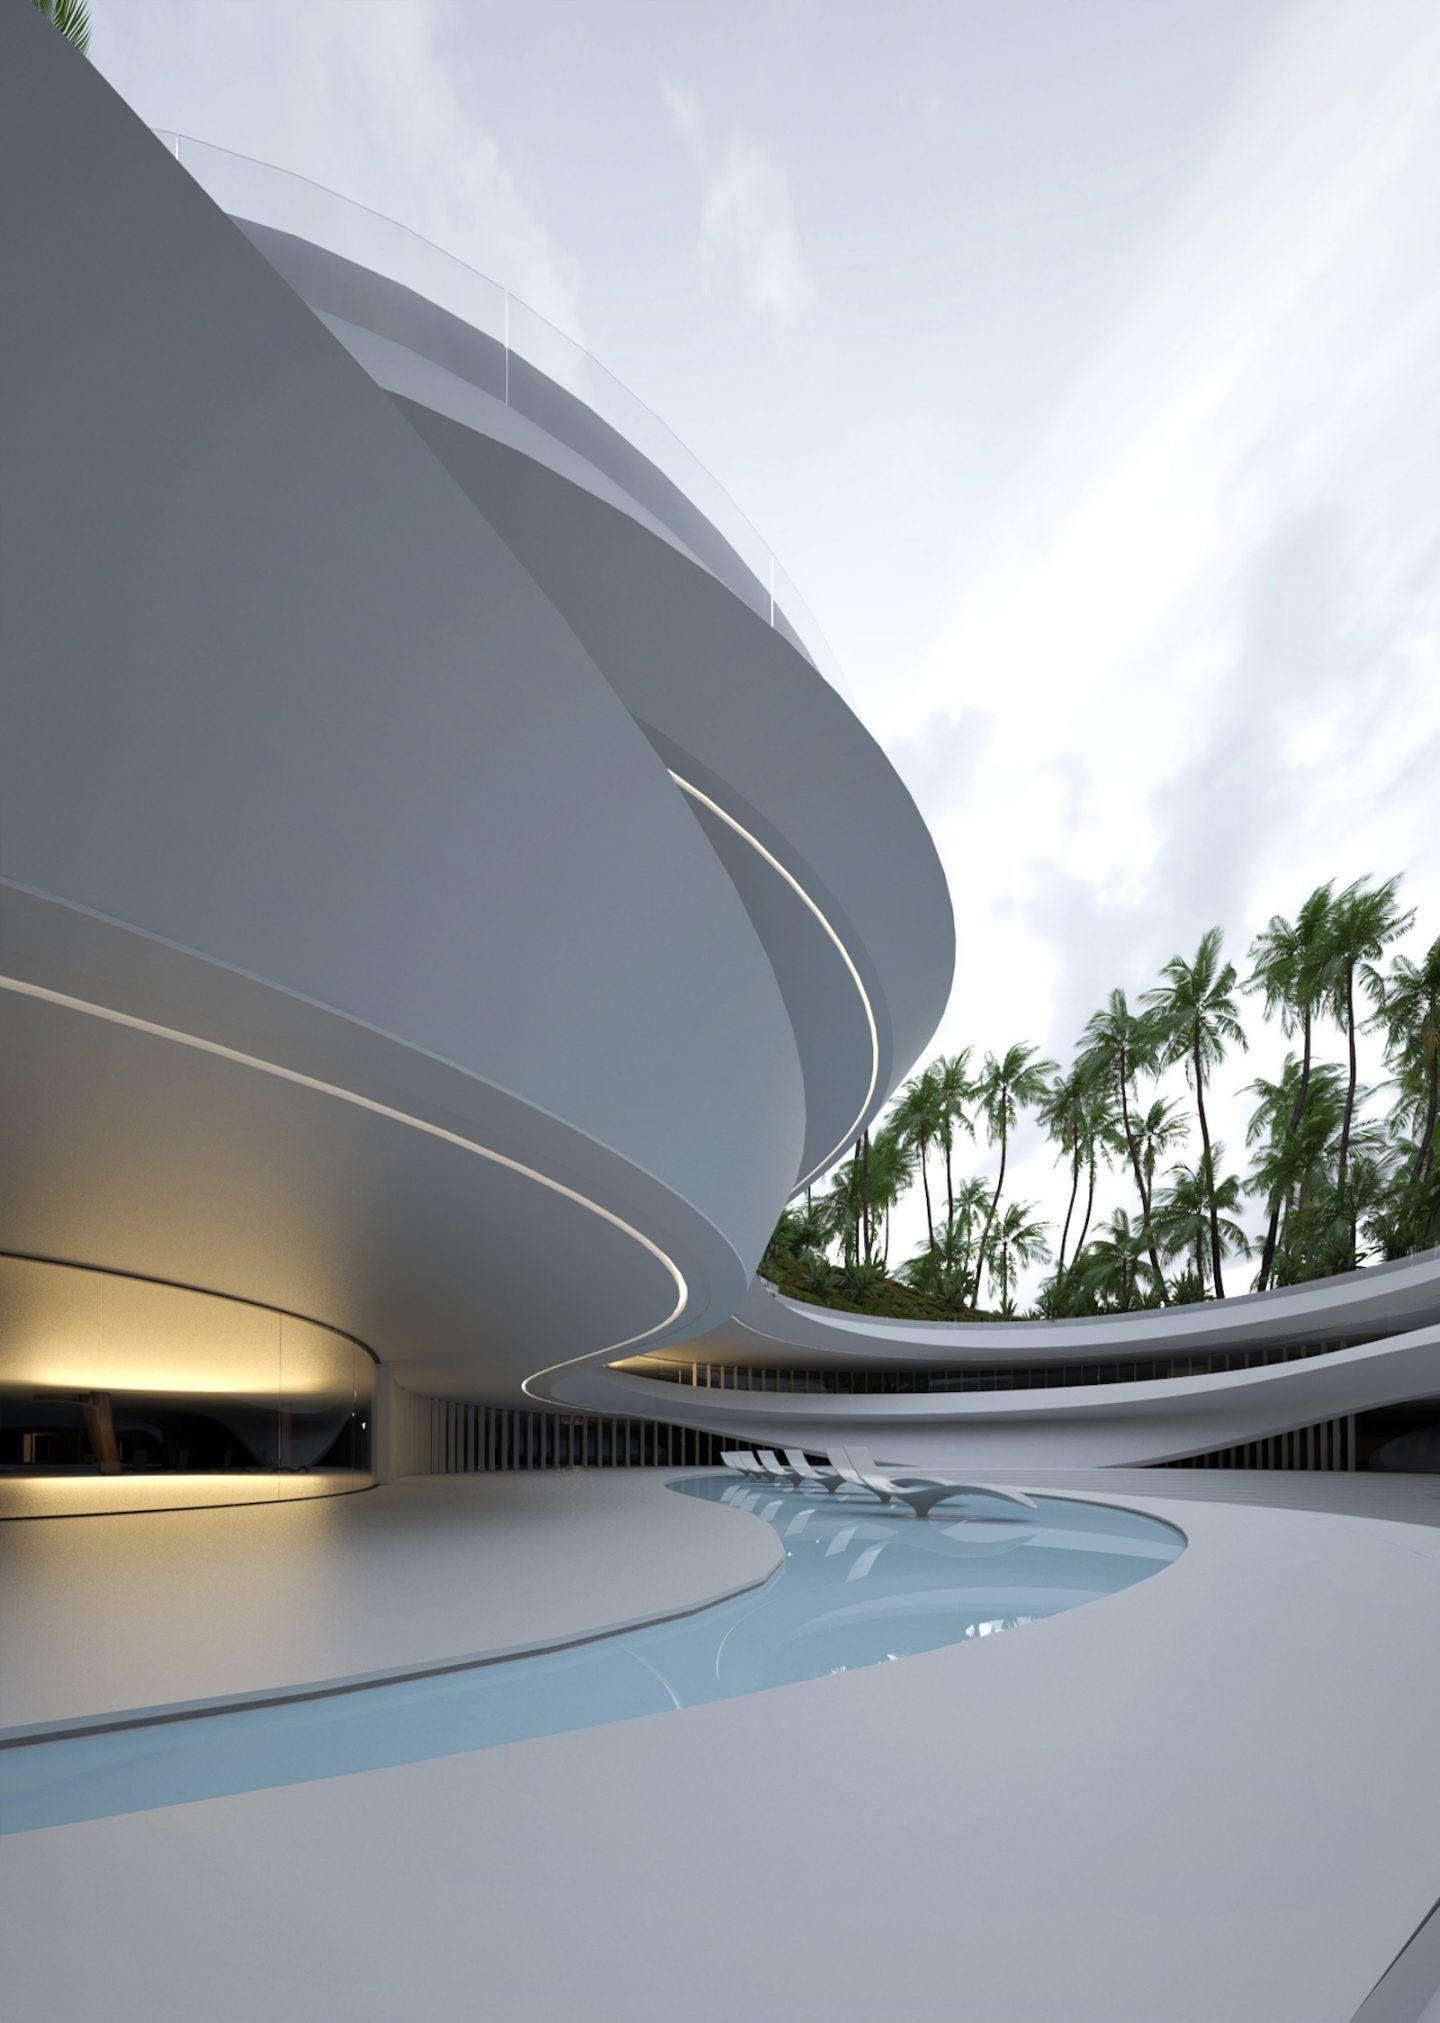 IGNANT-Architecture-Roman-Vlasov-Concept-689-008